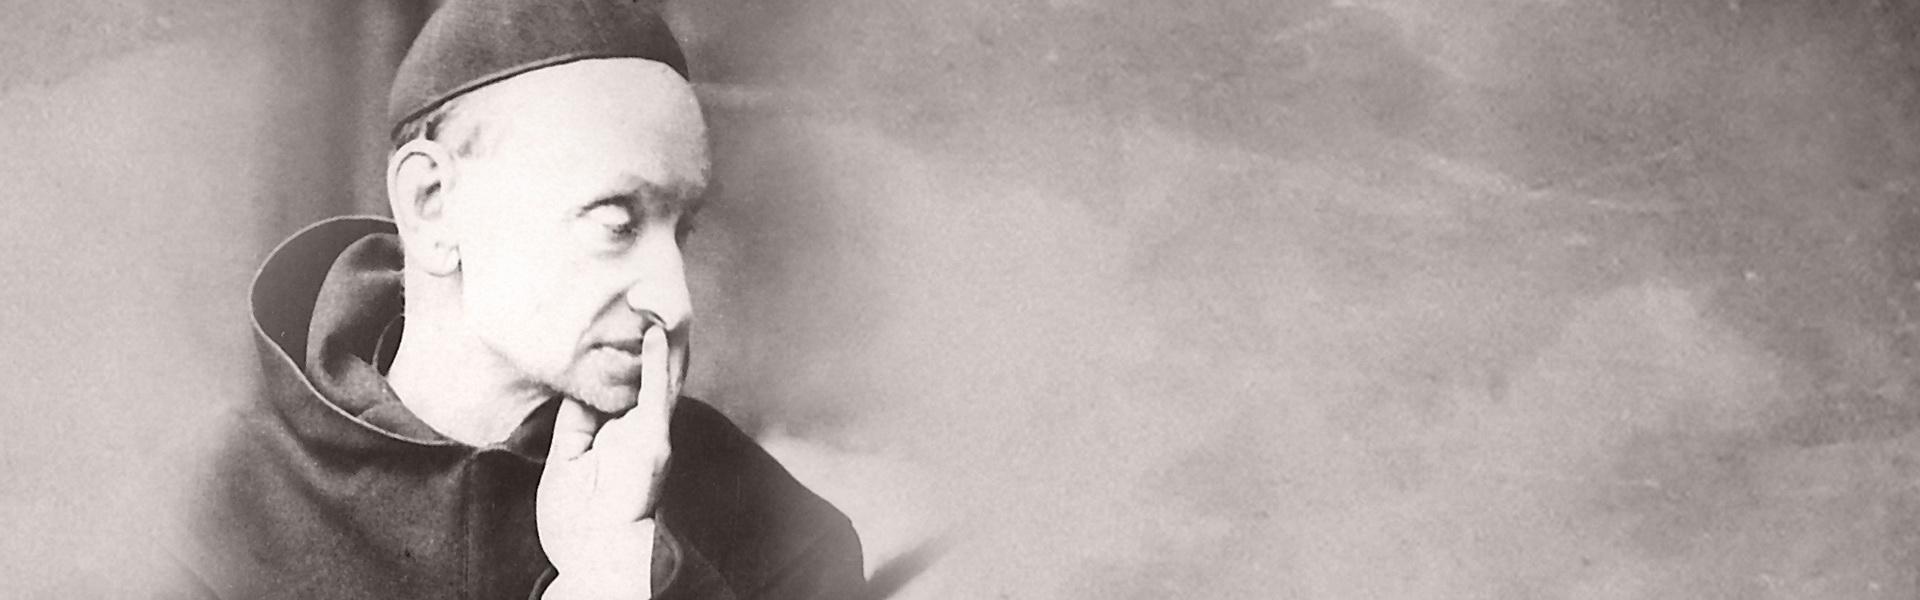 Święty Rafał Kalinowski założyciel laikatu karmelitańskiego